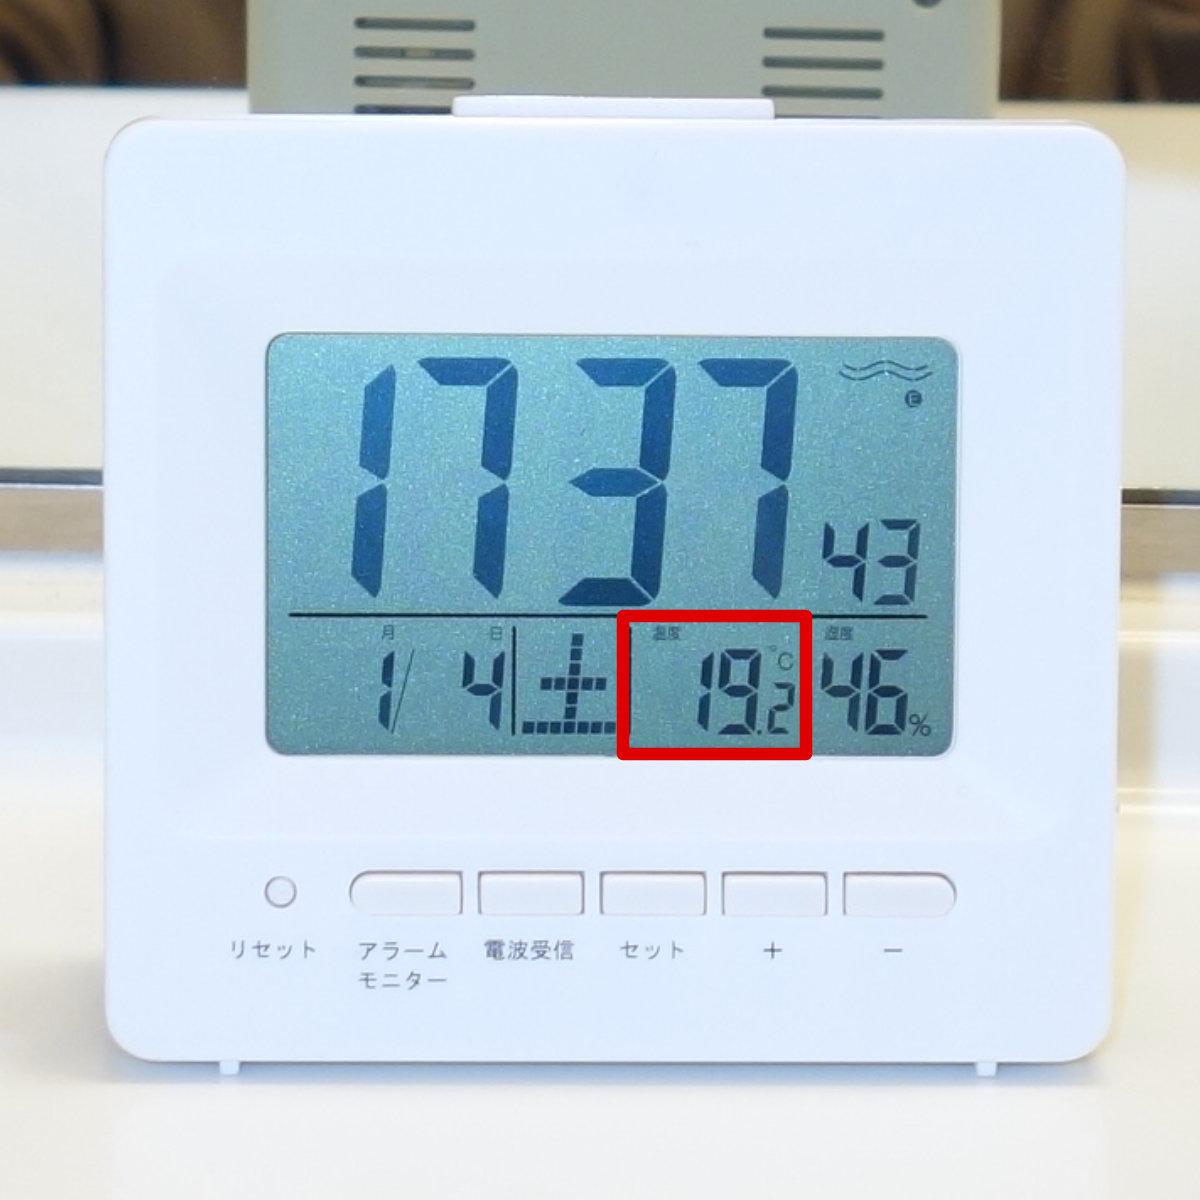 セラミックファンヒーターで7分温めた温度